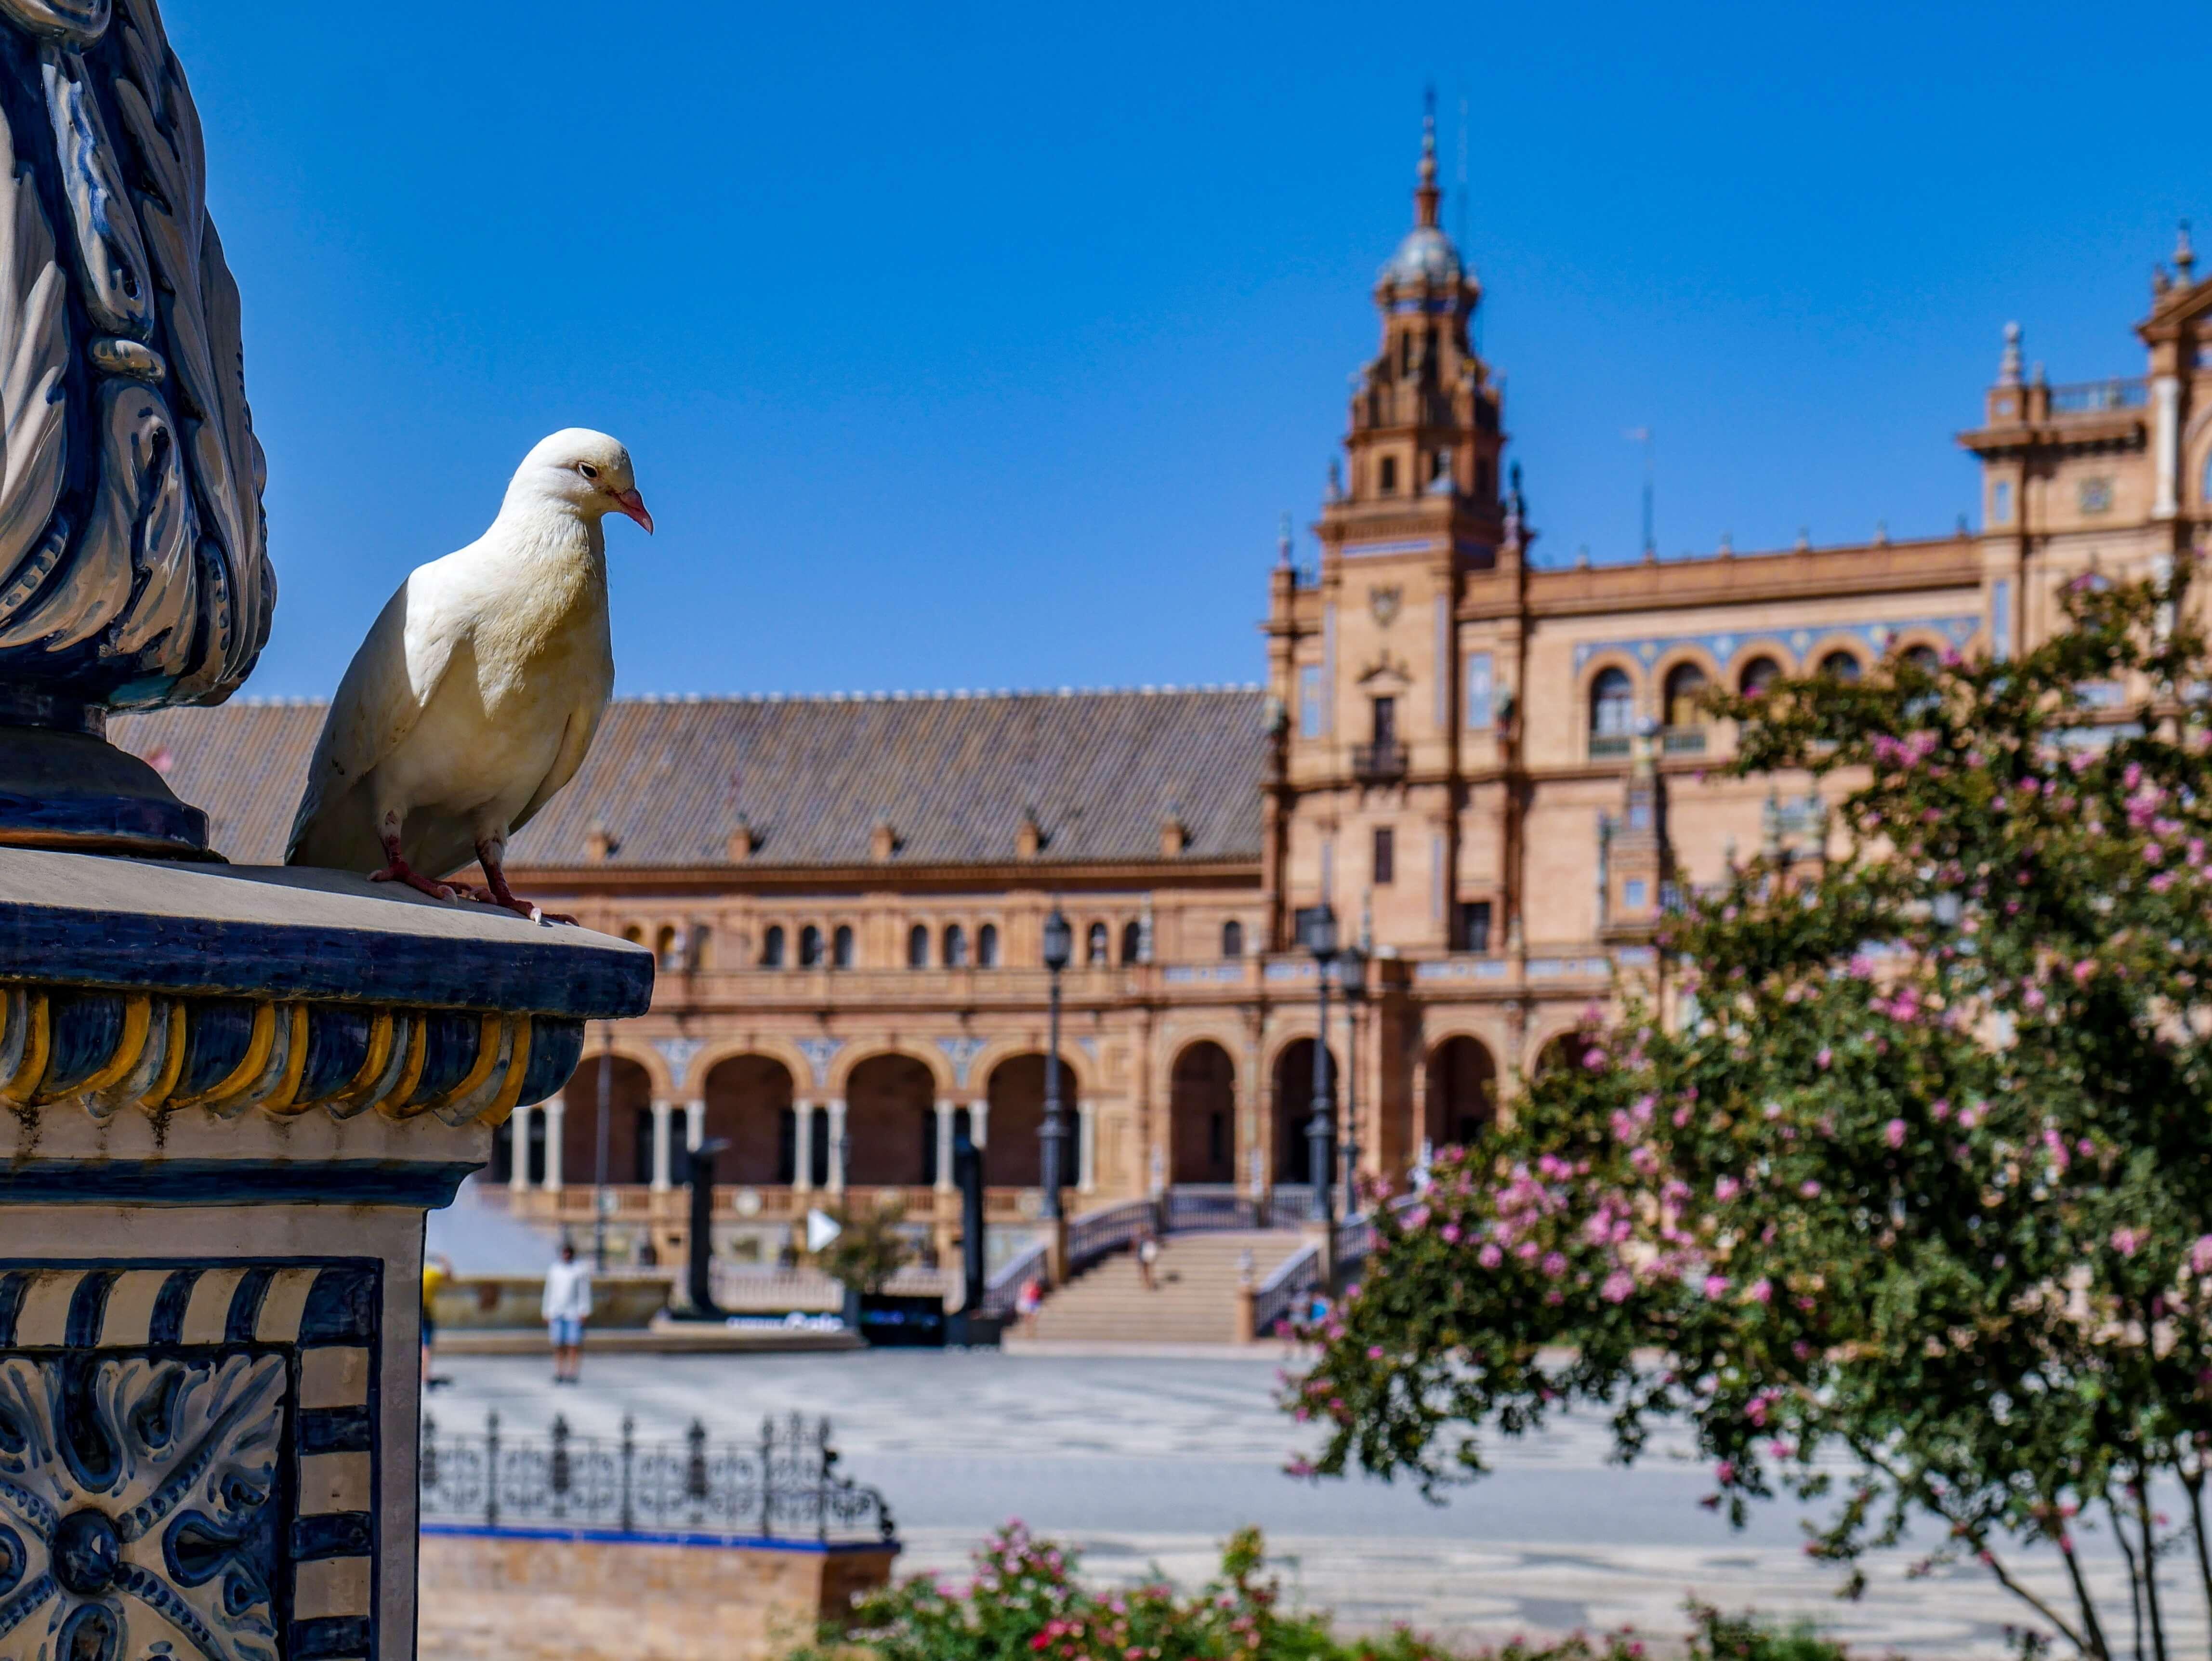 seville often ranks among the best expat communities in spain